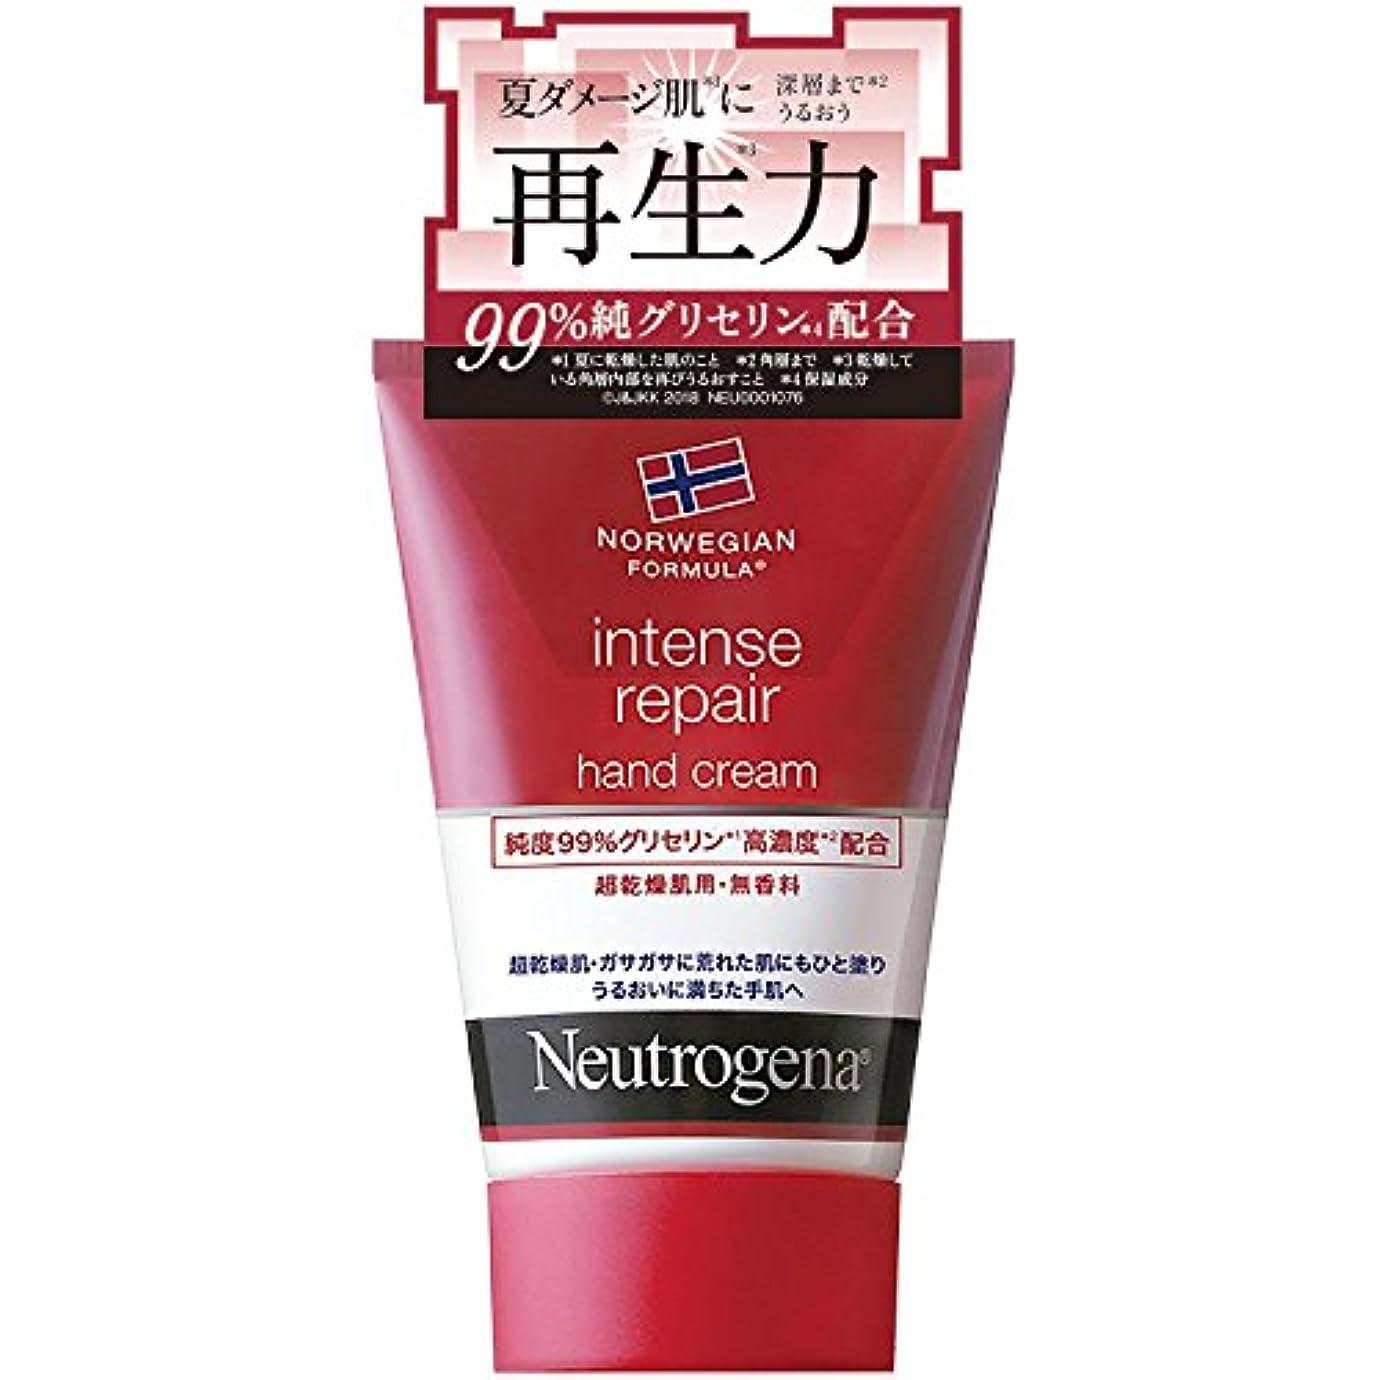 のぞき見バーマド支配的Neutrogena(ニュートロジーナ) ノルウェーフォーミュラ インテンスリペア ハンドクリーム 超乾燥肌用 無香料 単品 50g